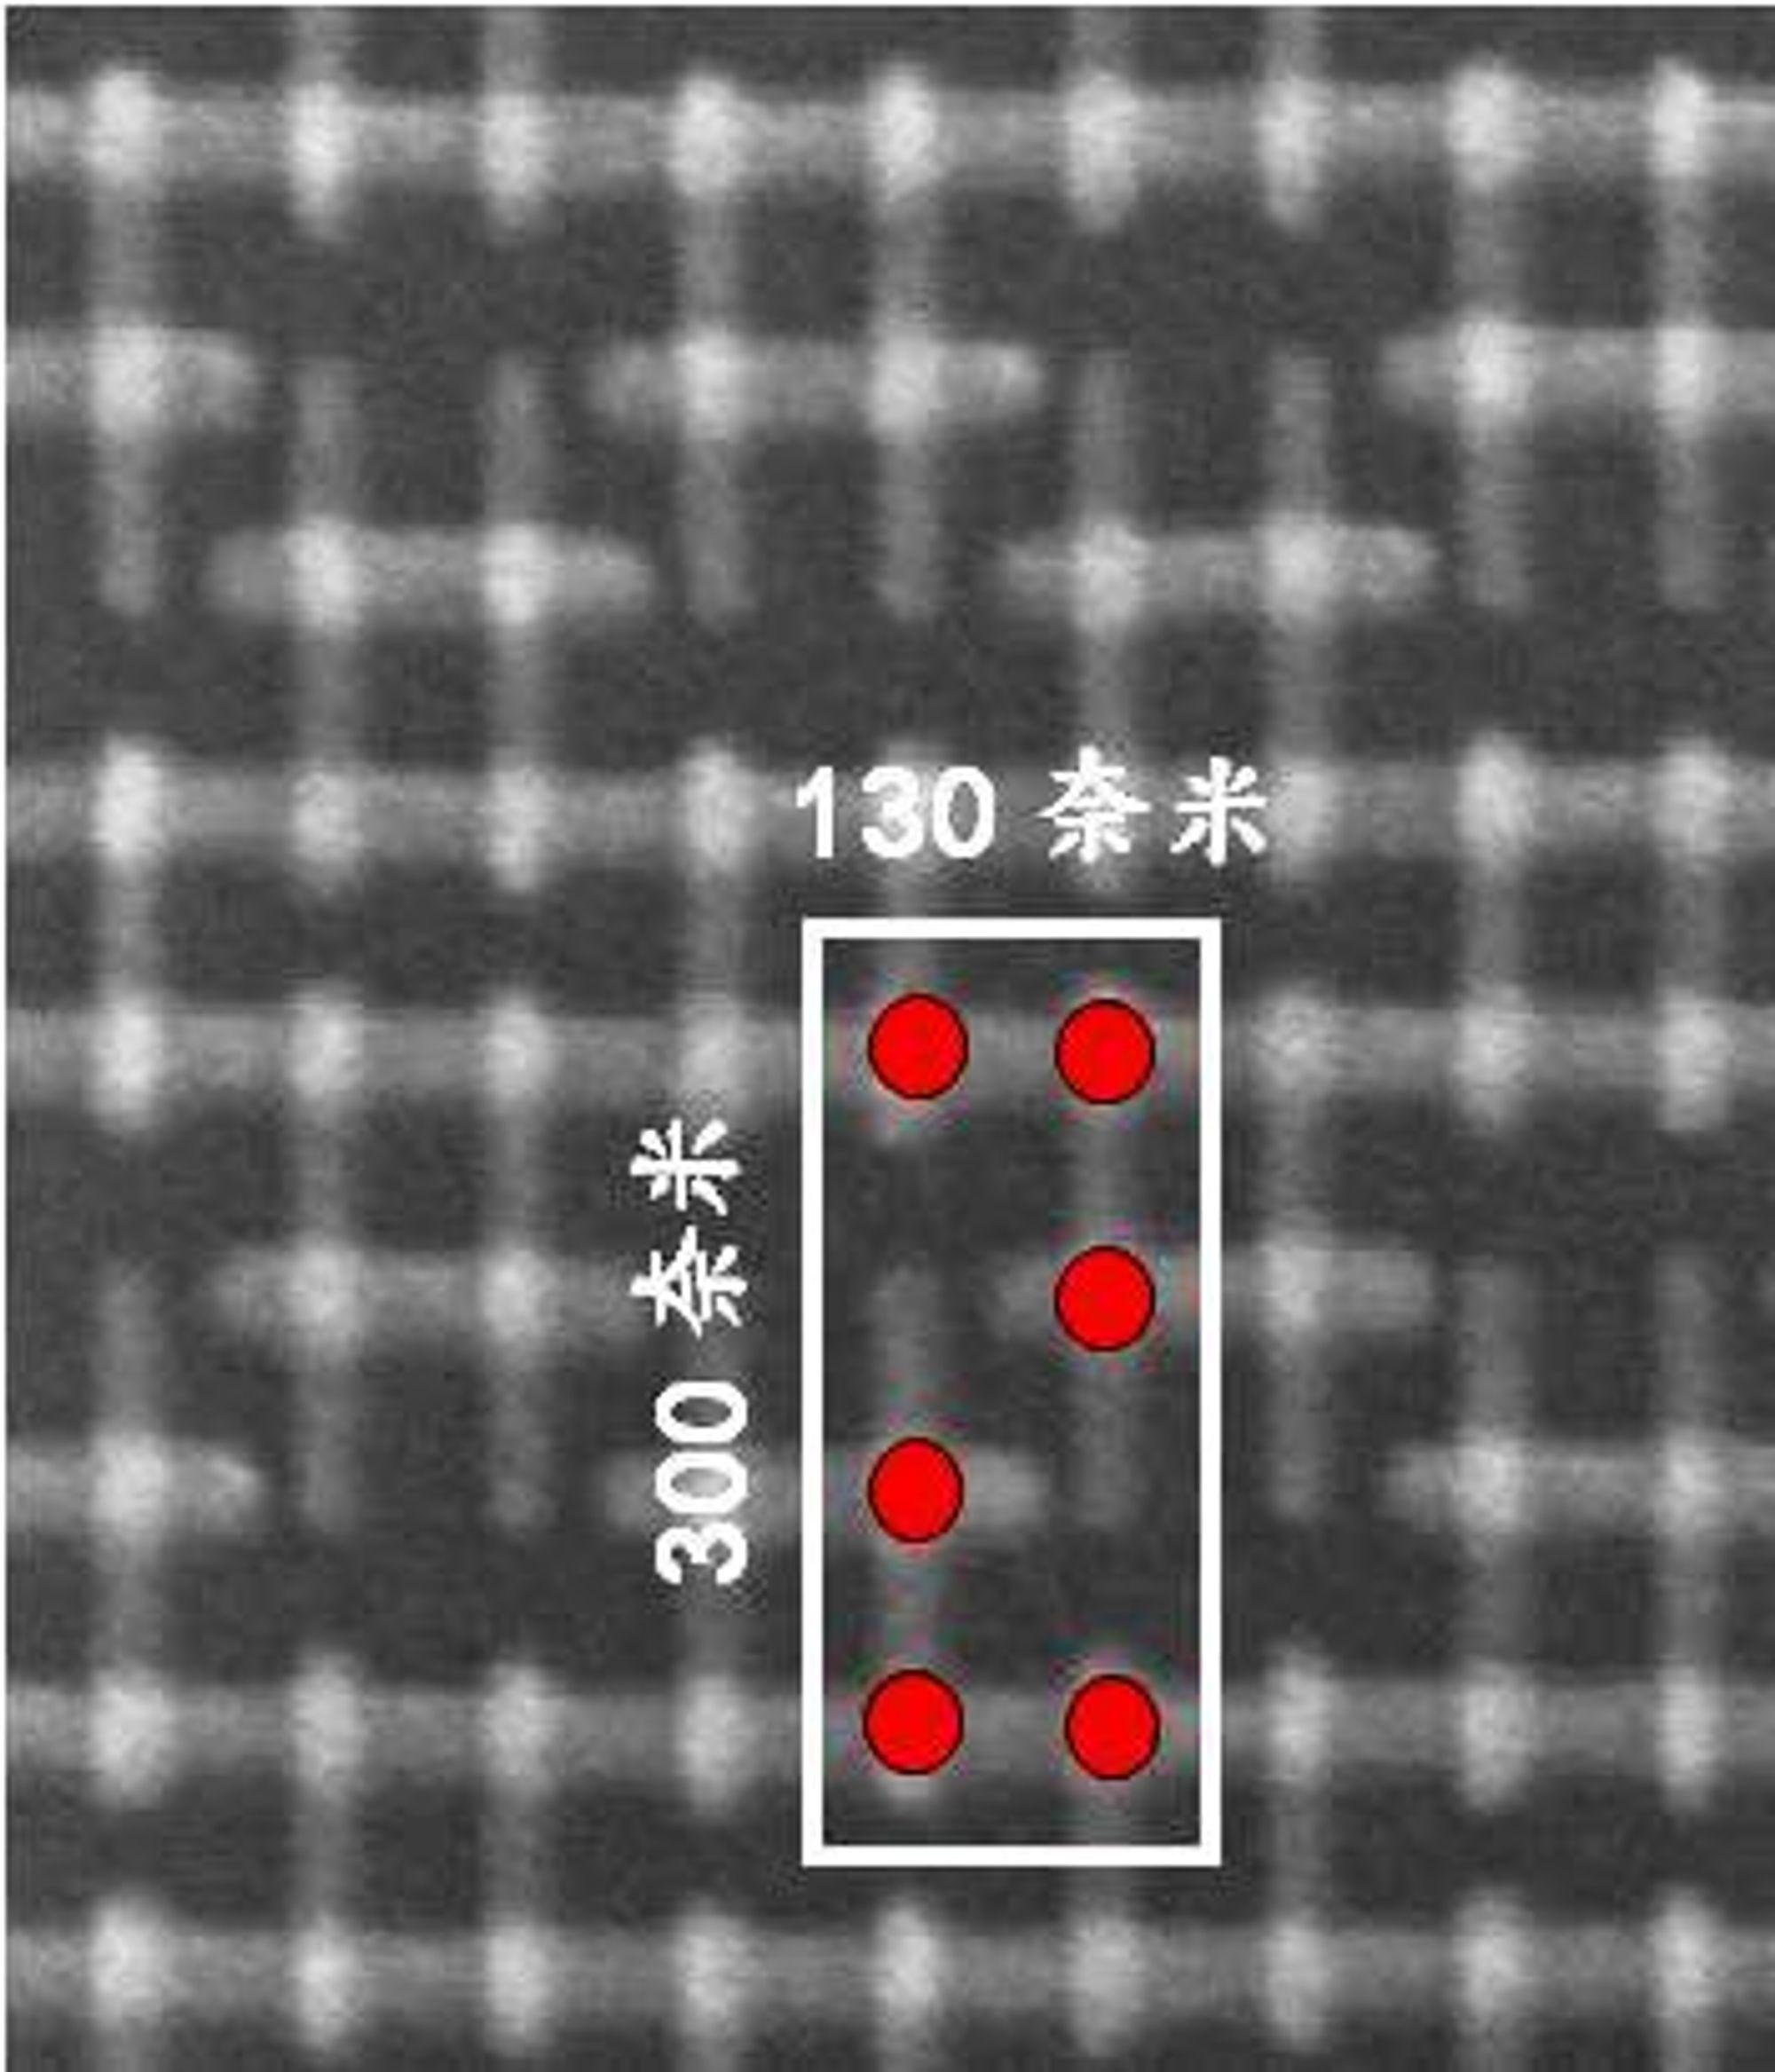 SRAM-celle laget med 16 nm prosessteknologi. Innenfor den hvite rammen er det seks transistorer. Størrelsen på enheter gjør at det vil være plass til 15 milliarder transistorer i en kvadratcentimeter-stor brikke, omtrent ti ganger så mye som med 45 nm-teknologien som ofte brukes i dag. Samtidig ventes halvert strømforbruk.